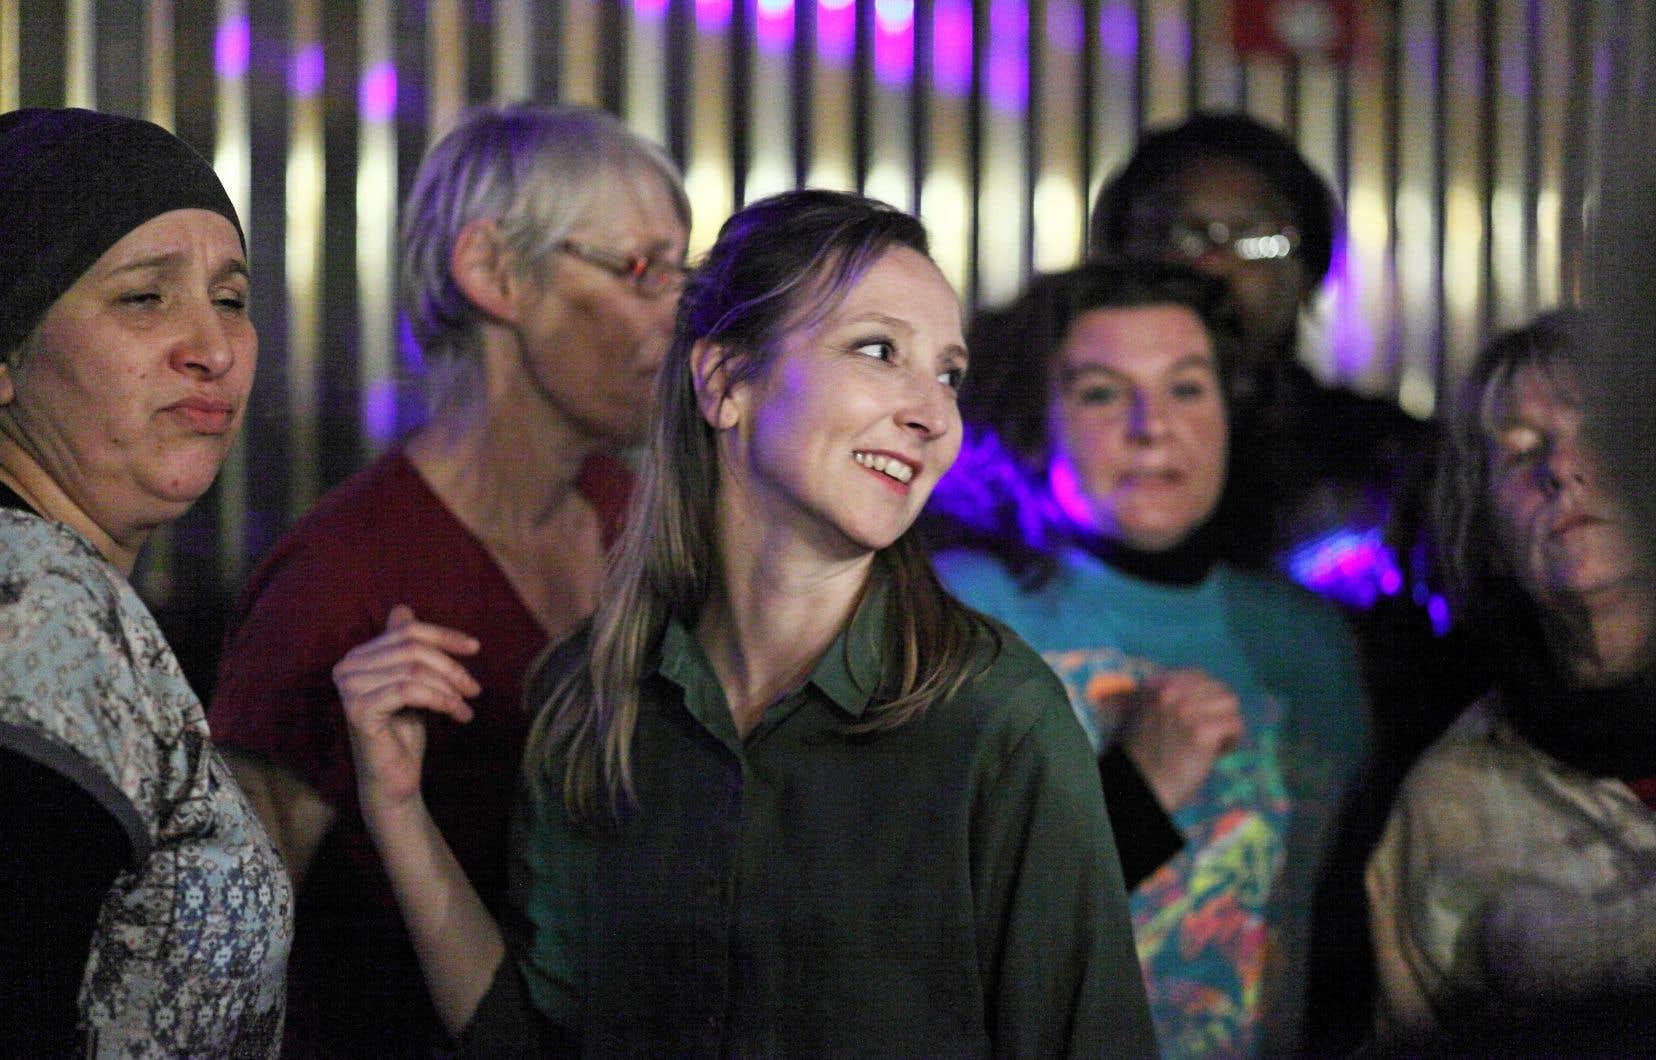 Après 150 auditions, de véritables sans-abri ont joué leurs rôles sous des noms d'emprunt, alors que les travailleuses sociales se voyaient incarnées par des actrices professionnelles, notamment Audrey Lamy (au centre).